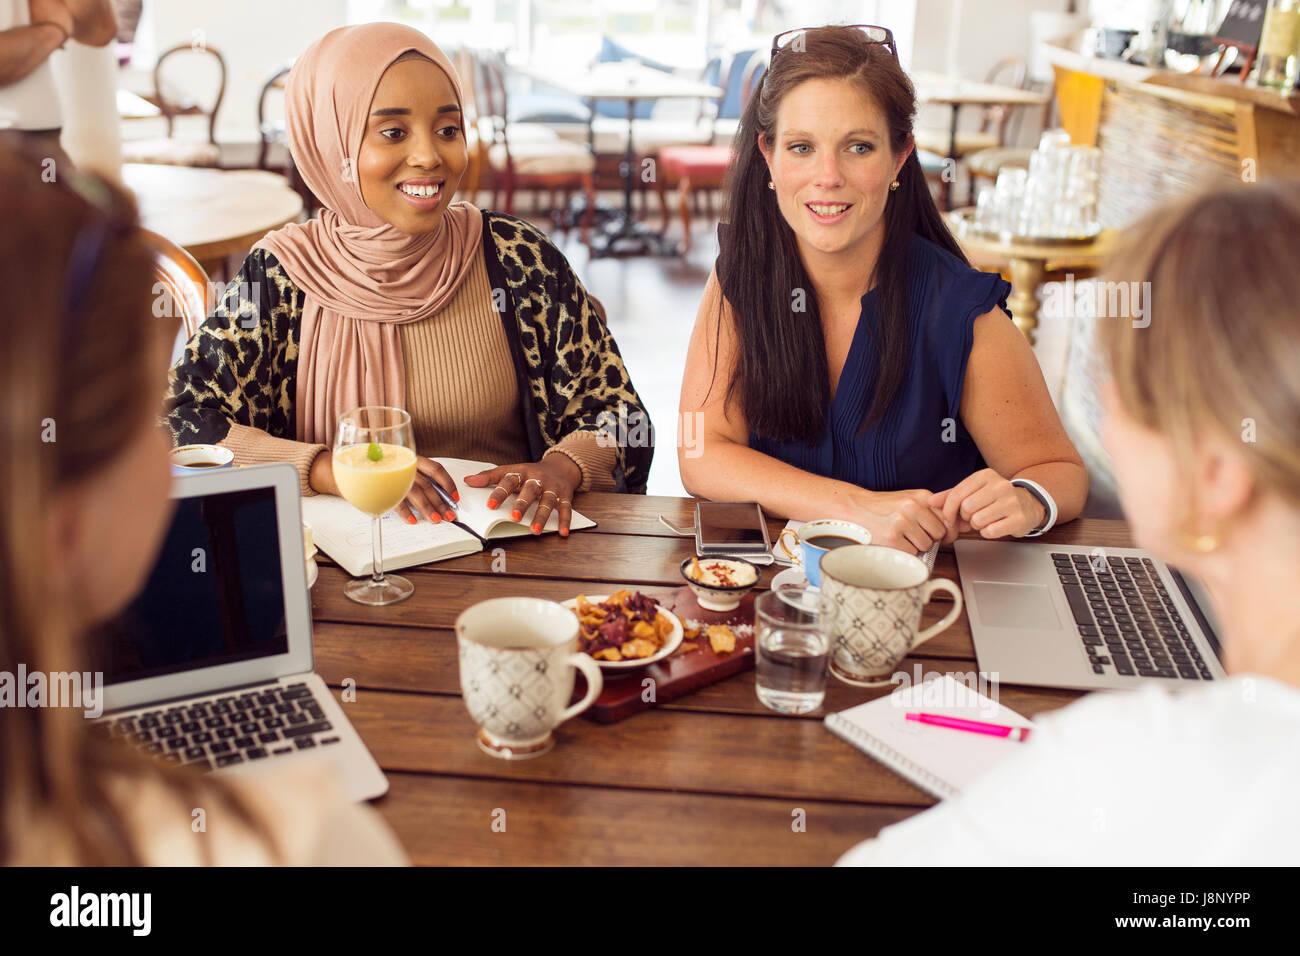 Imprenditrici lavorando durante il pranzo in ristorante Foto Stock